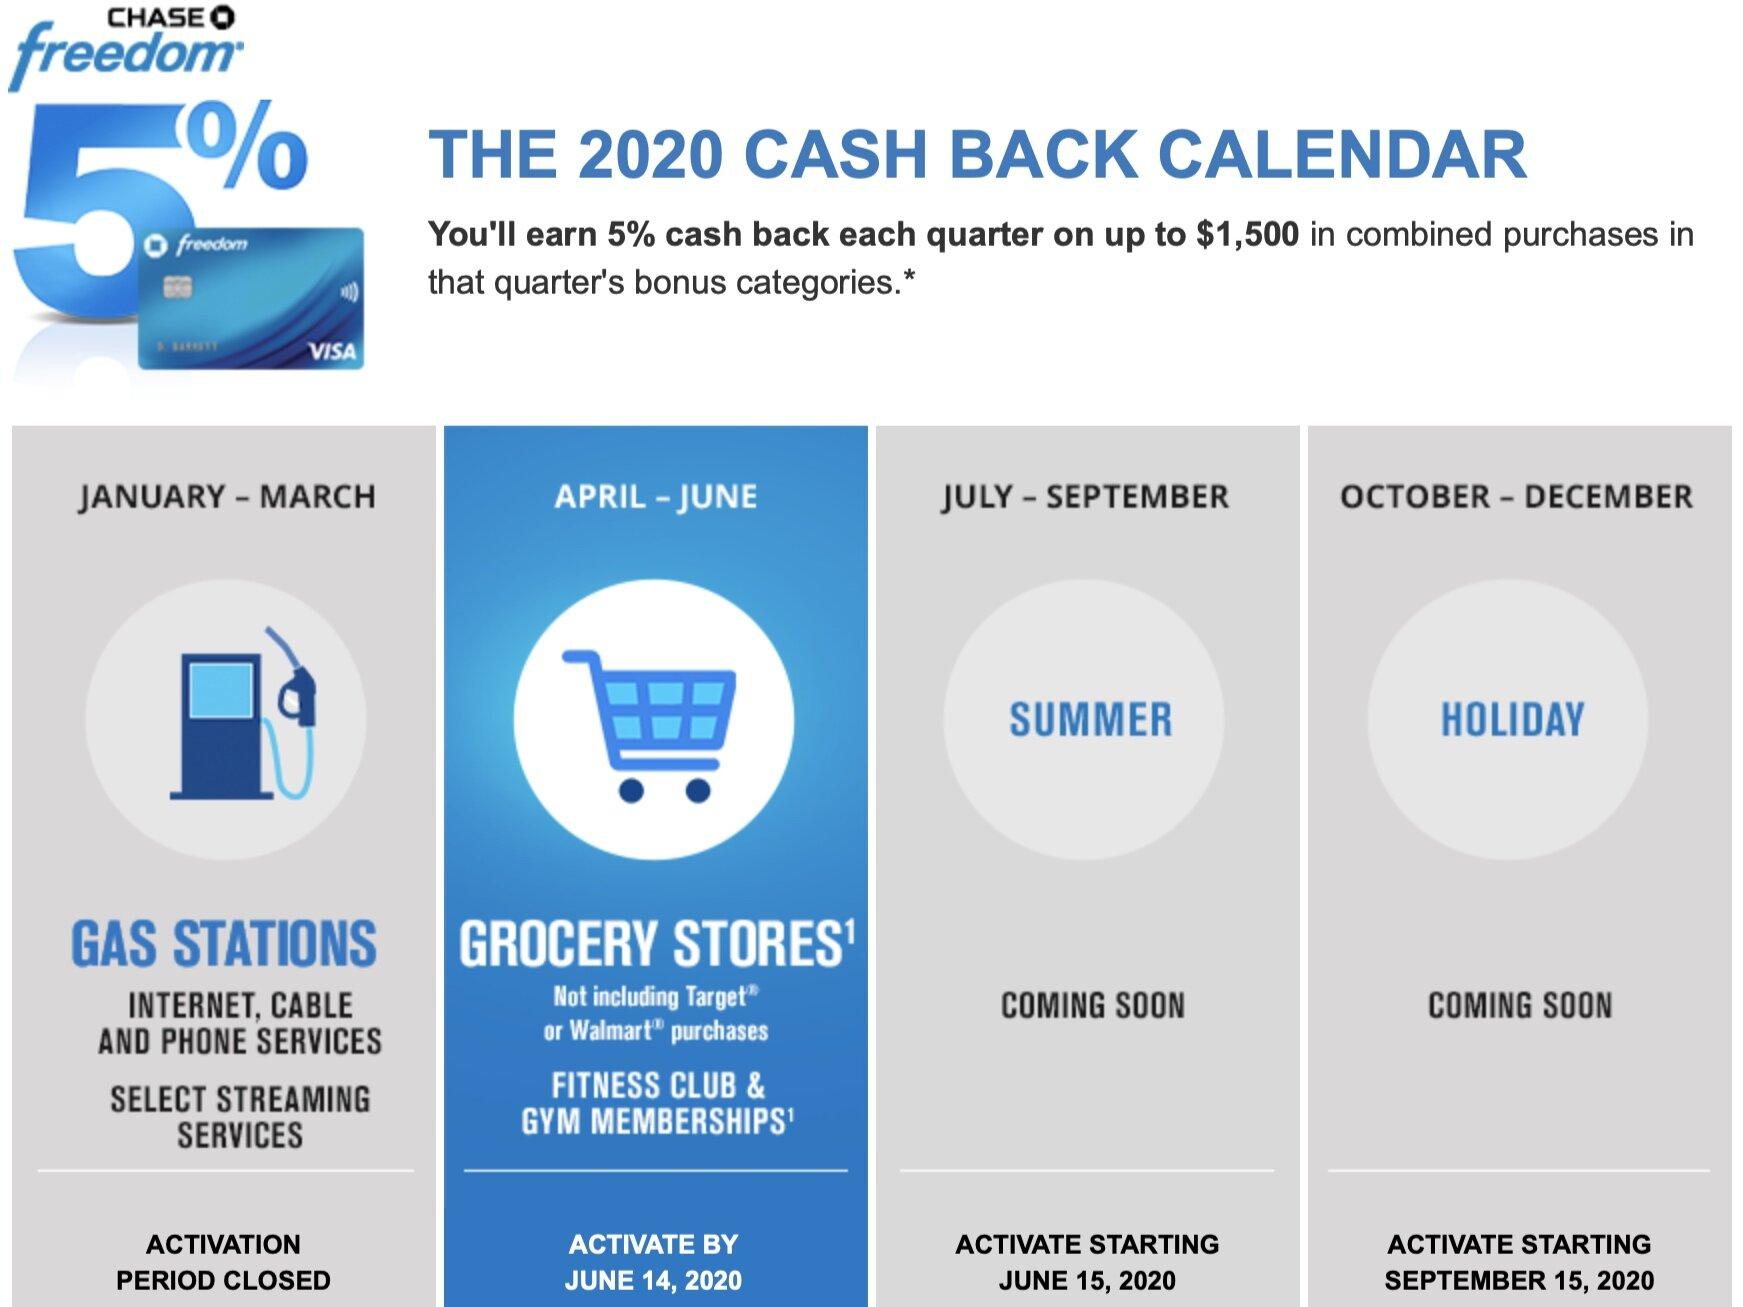 Chase Freedom Card - 10% Cash Back Q10 100100 — Stretching Each Dollar